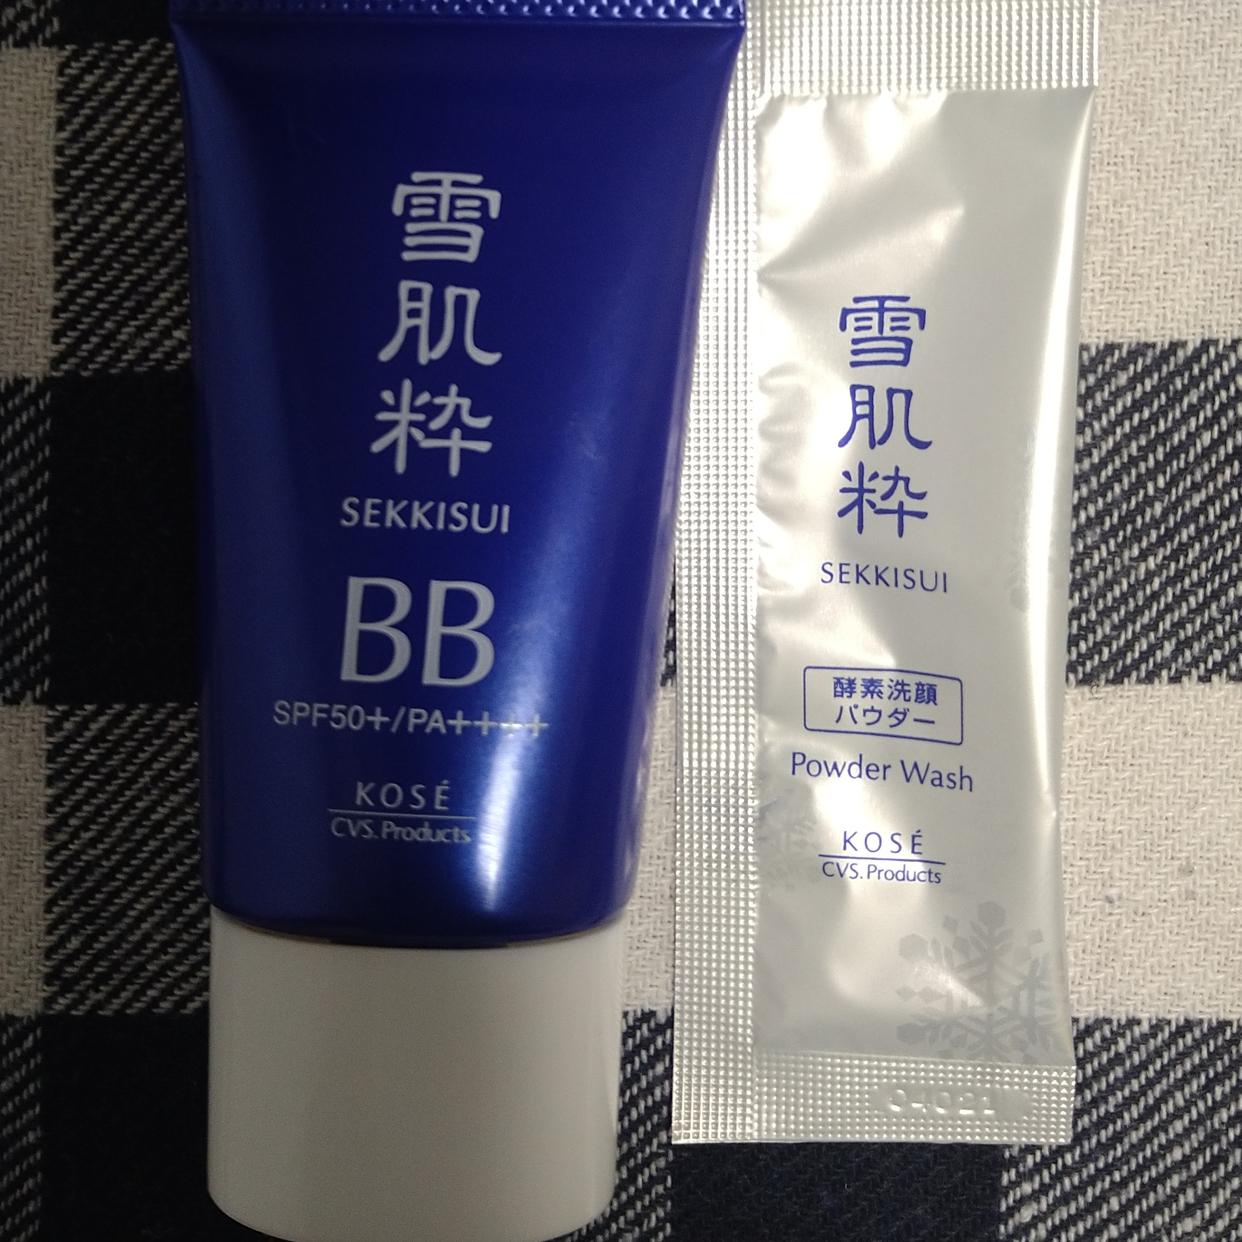 雪肌粋(SEKKISUI)パーフェクト BB クリーム Nを使った鎌倉の侍さんのクチコミ画像